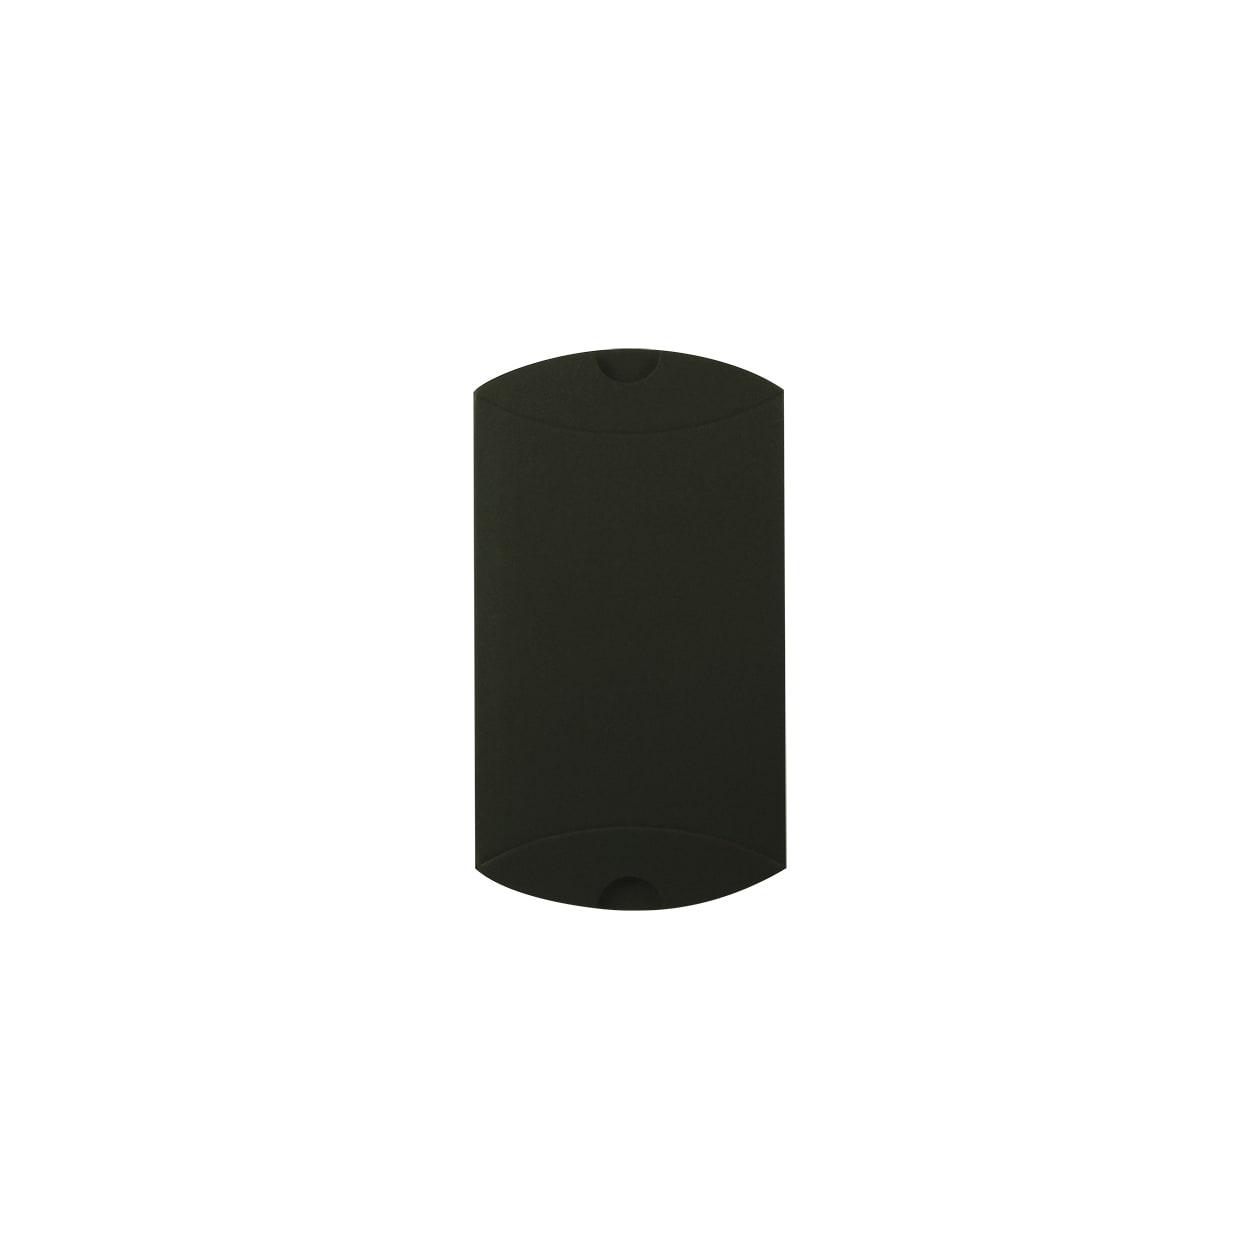 ピローケース75×115×20 ボード紙 ブラック 258.1g